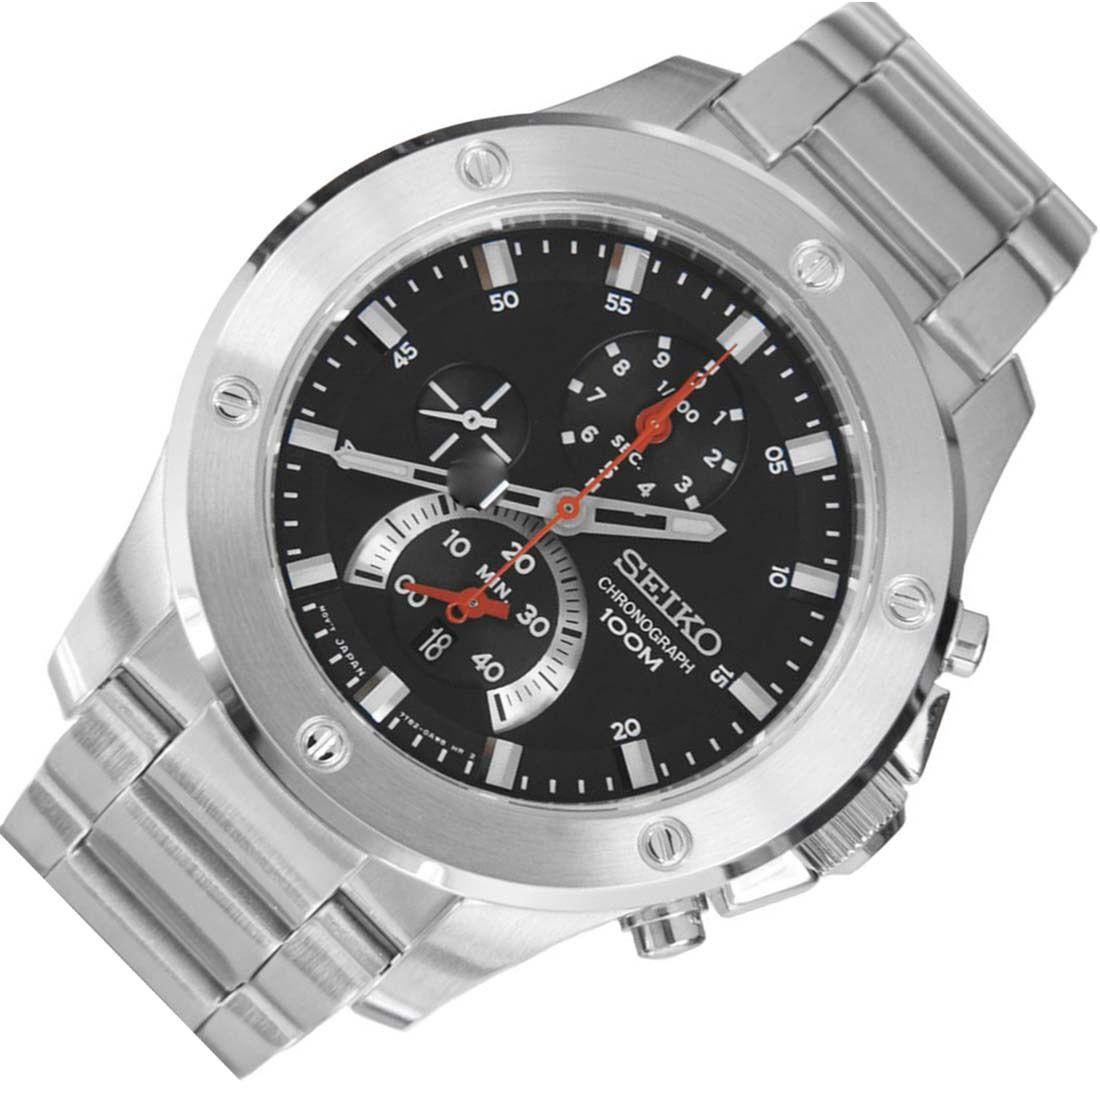 A-Watches.com - Seiko chronograph SPC095P1, S$211.32 (http://www.a-watches.com/spc095p1/)